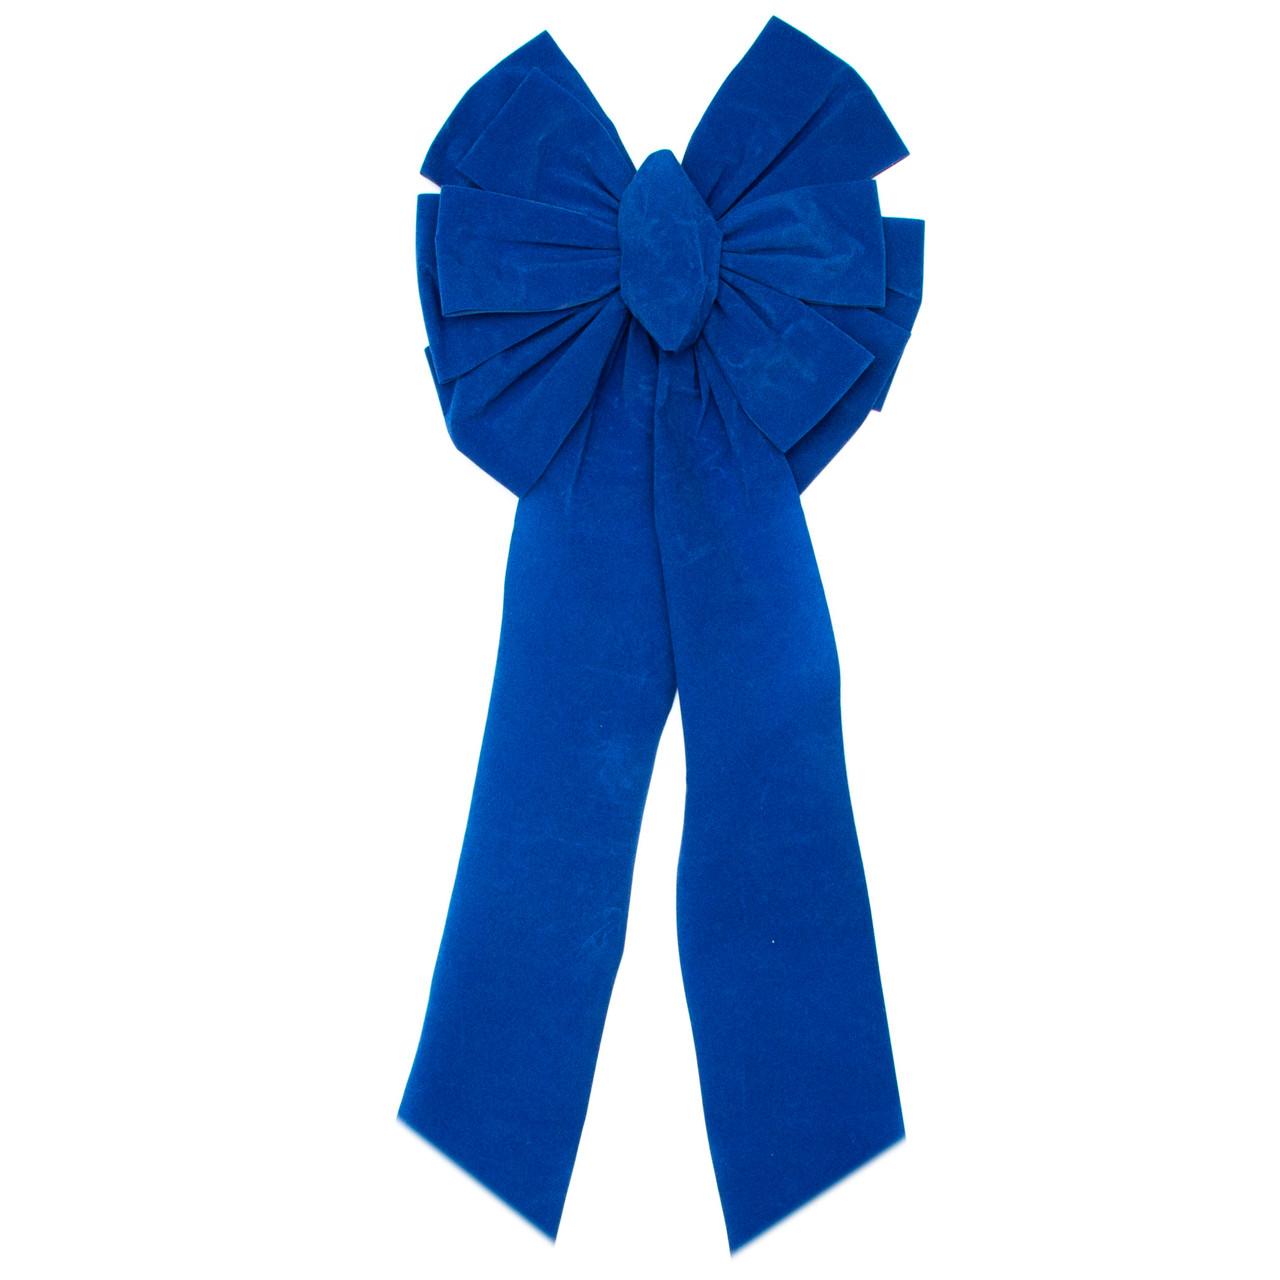 Елочная игрушка Бантик 30*10 см, синий (471058-4)